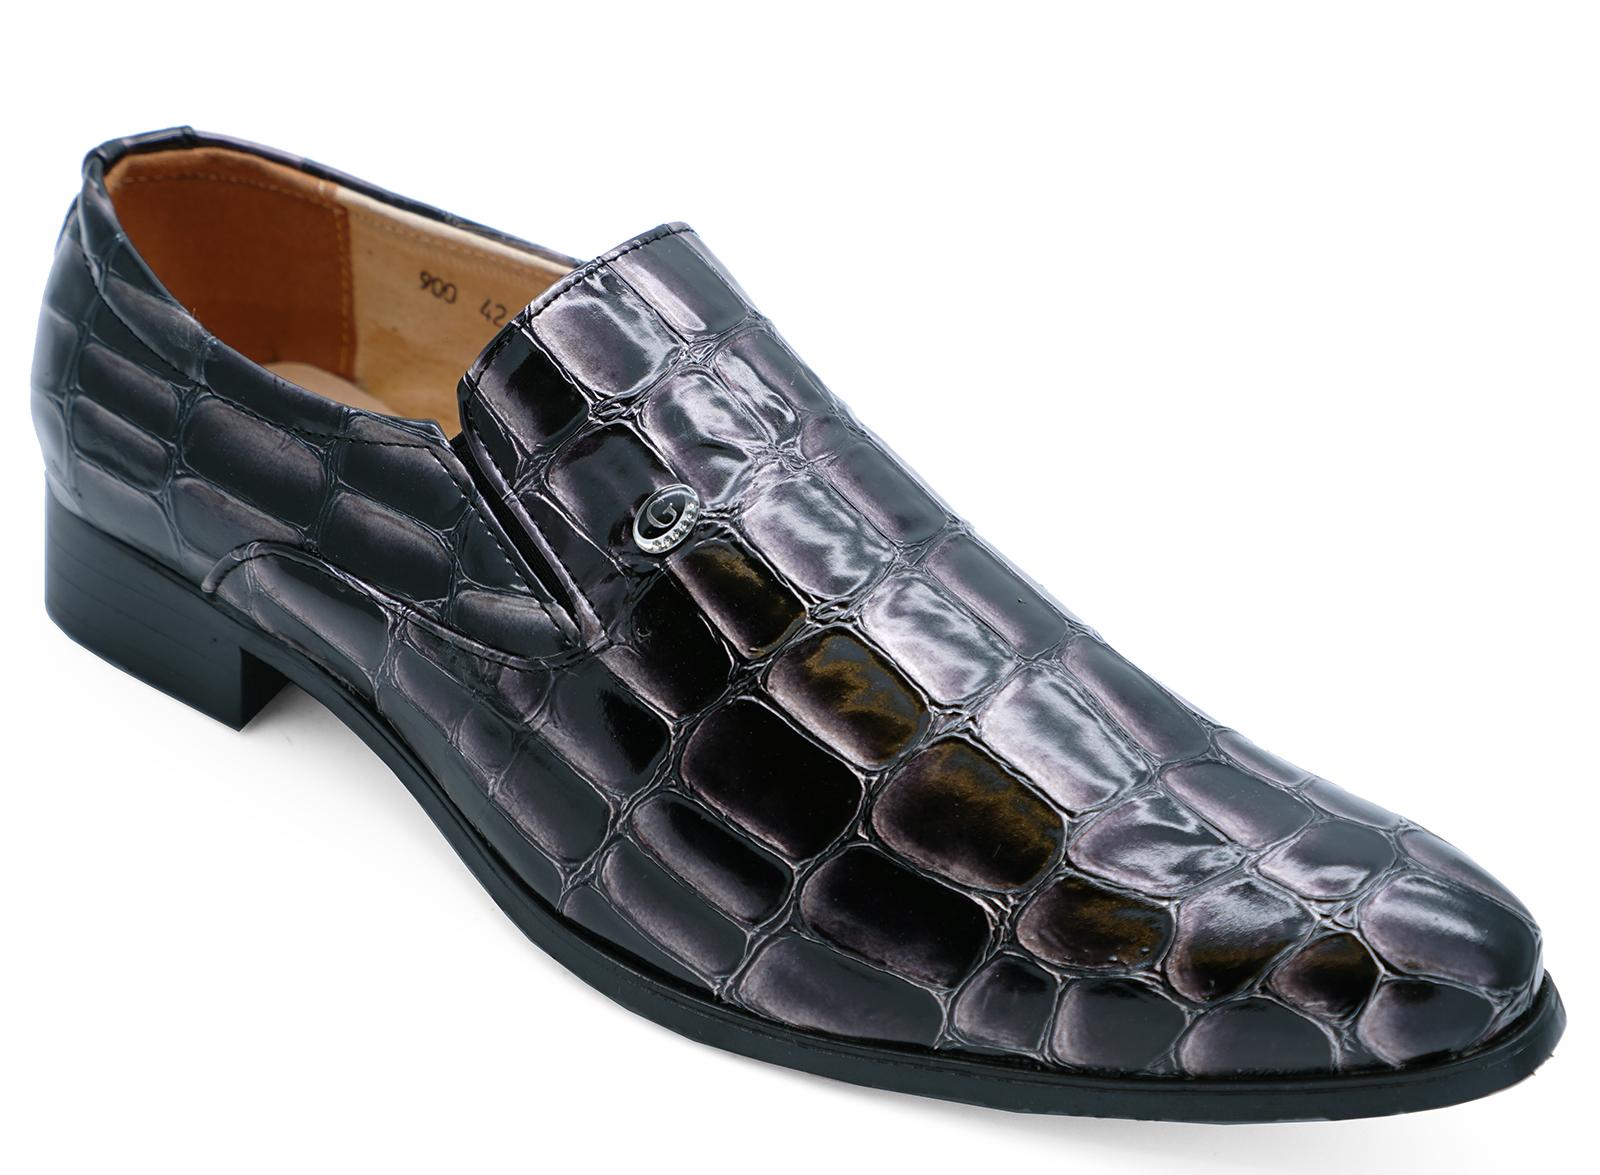 Tailleur Chaussures Mariage Work 6 Slip Décontractés Mocassins Habillé Décontractés on 11 Tailles w0qqA